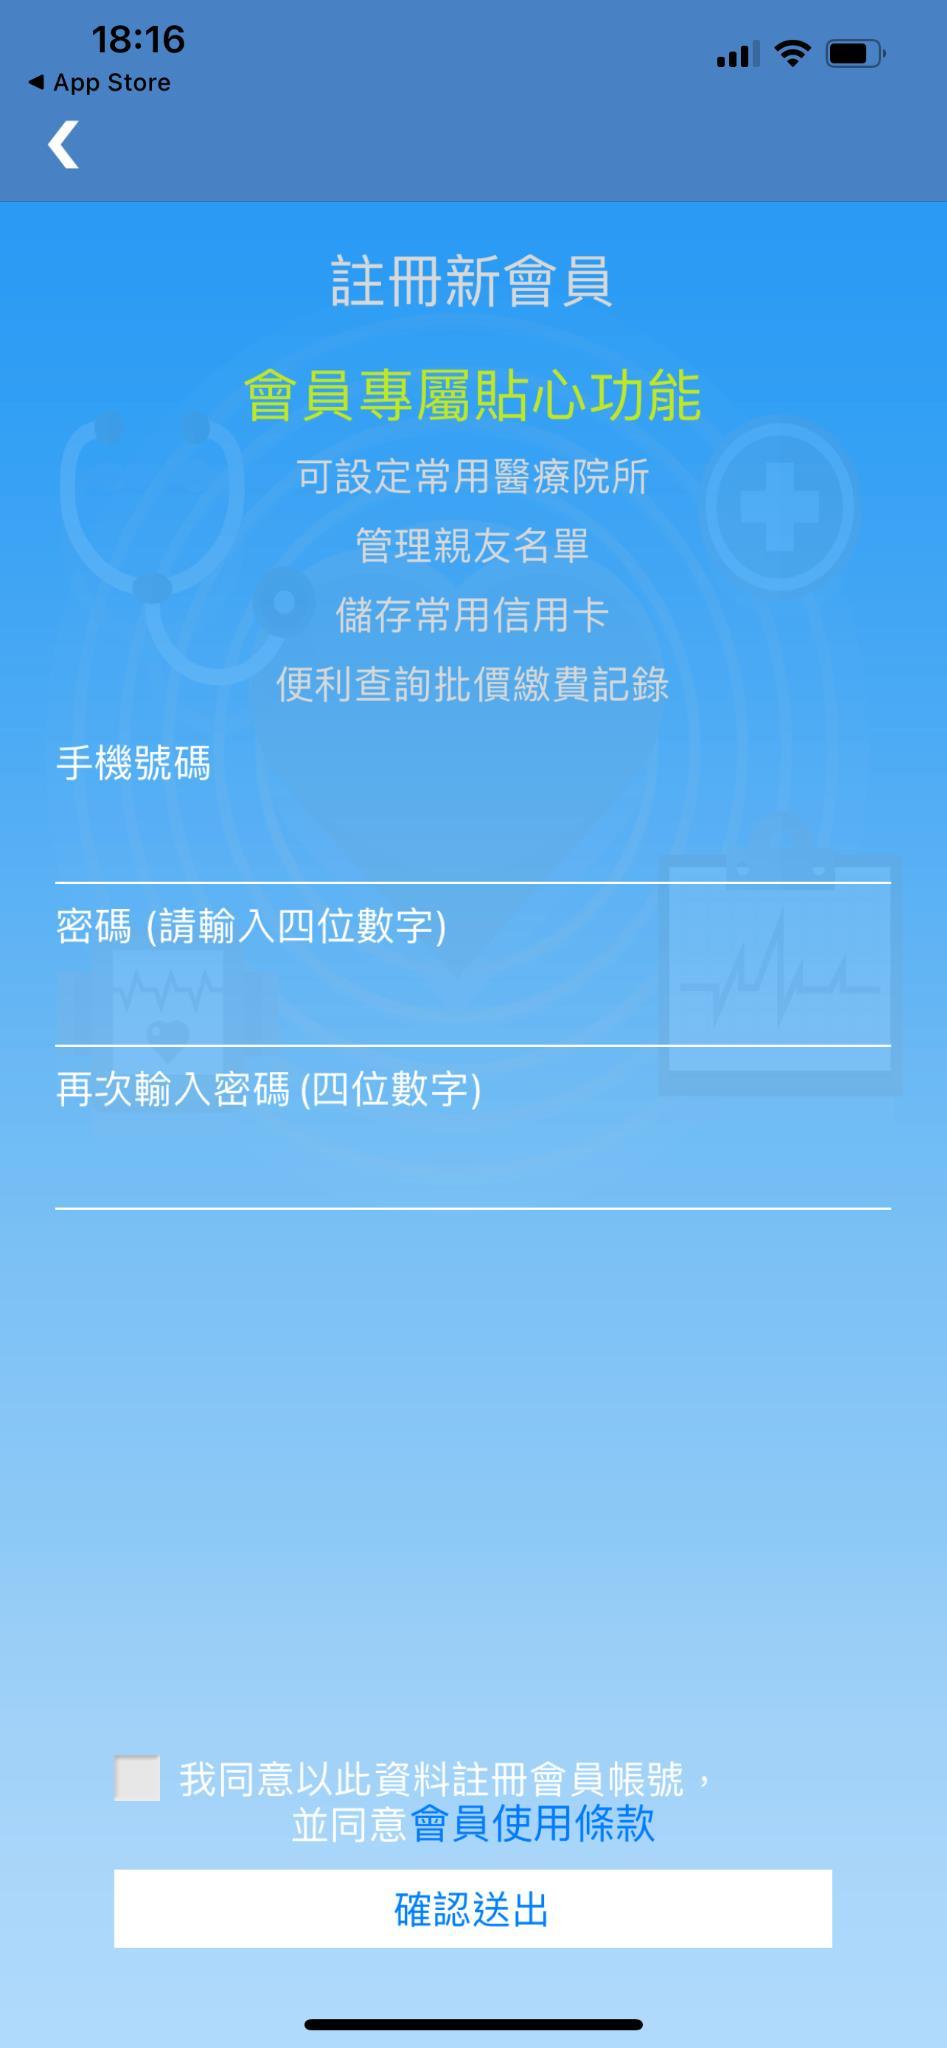 醫指付申請頁面 step01-1